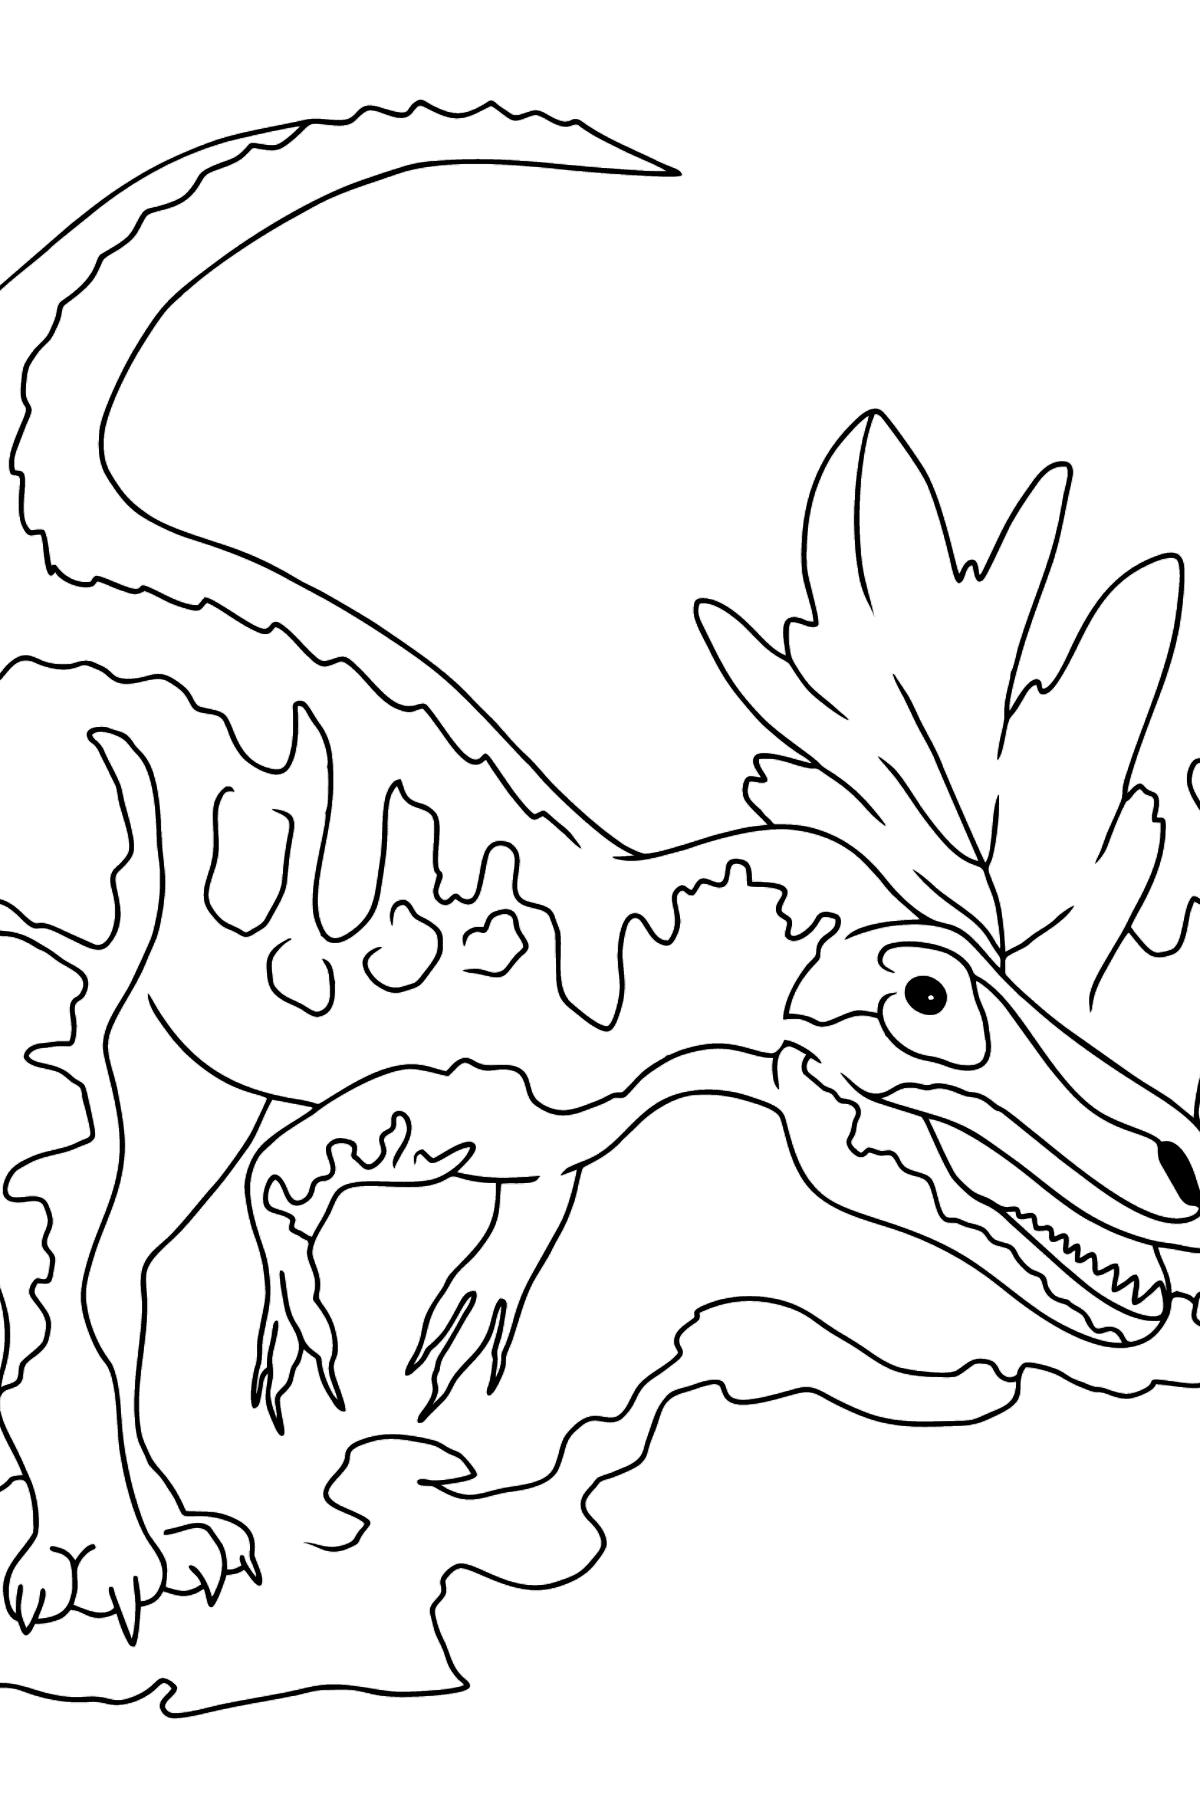 Раскраска аллозавр - сухопутный хищник из отряда динозавров - Картинки для Детей